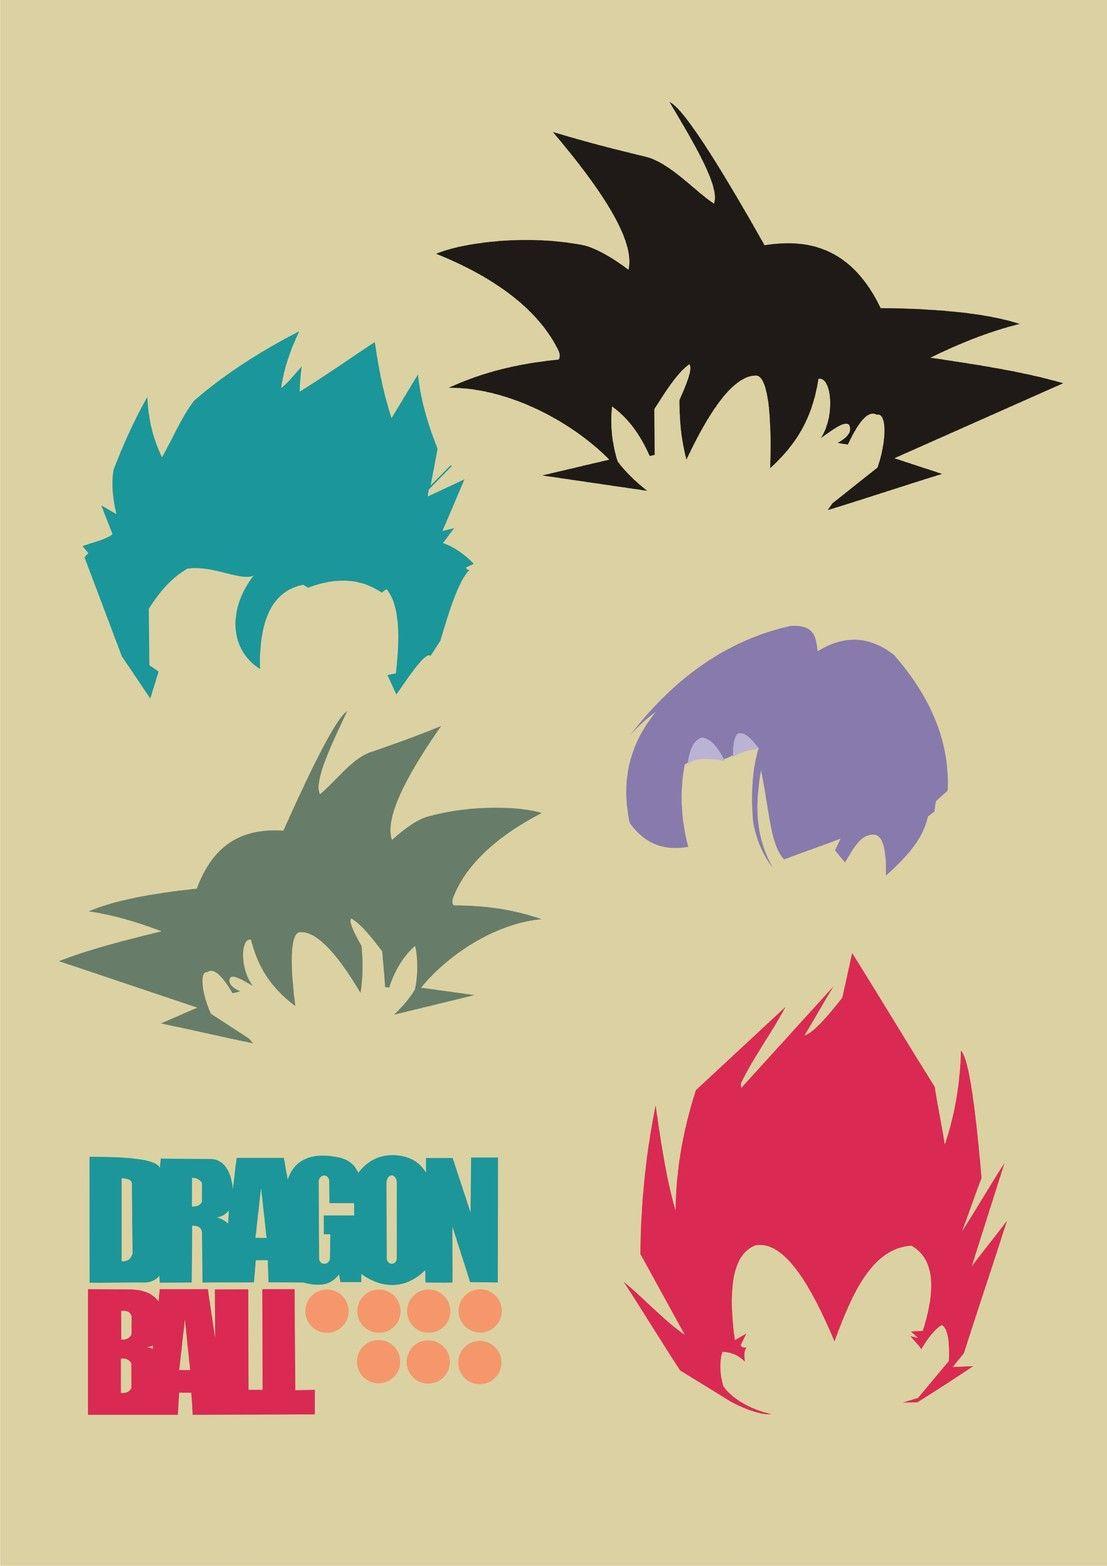 Fondos Tumblr Dragon Ball Z  Buscar Con Google